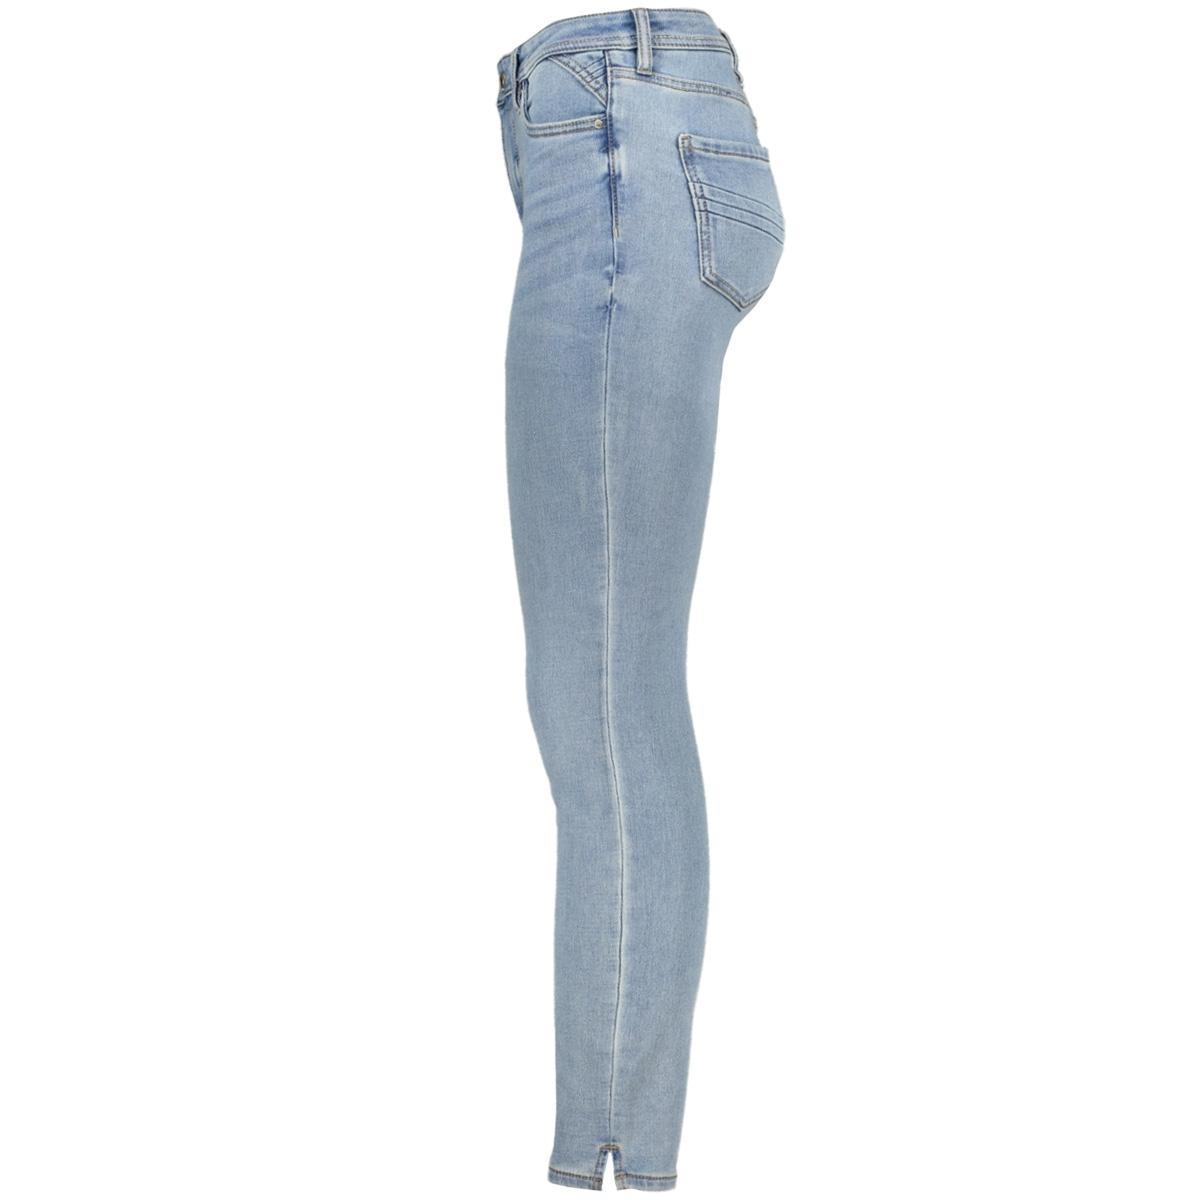 jegging met used washing 079cc1b007 edc jeans c902